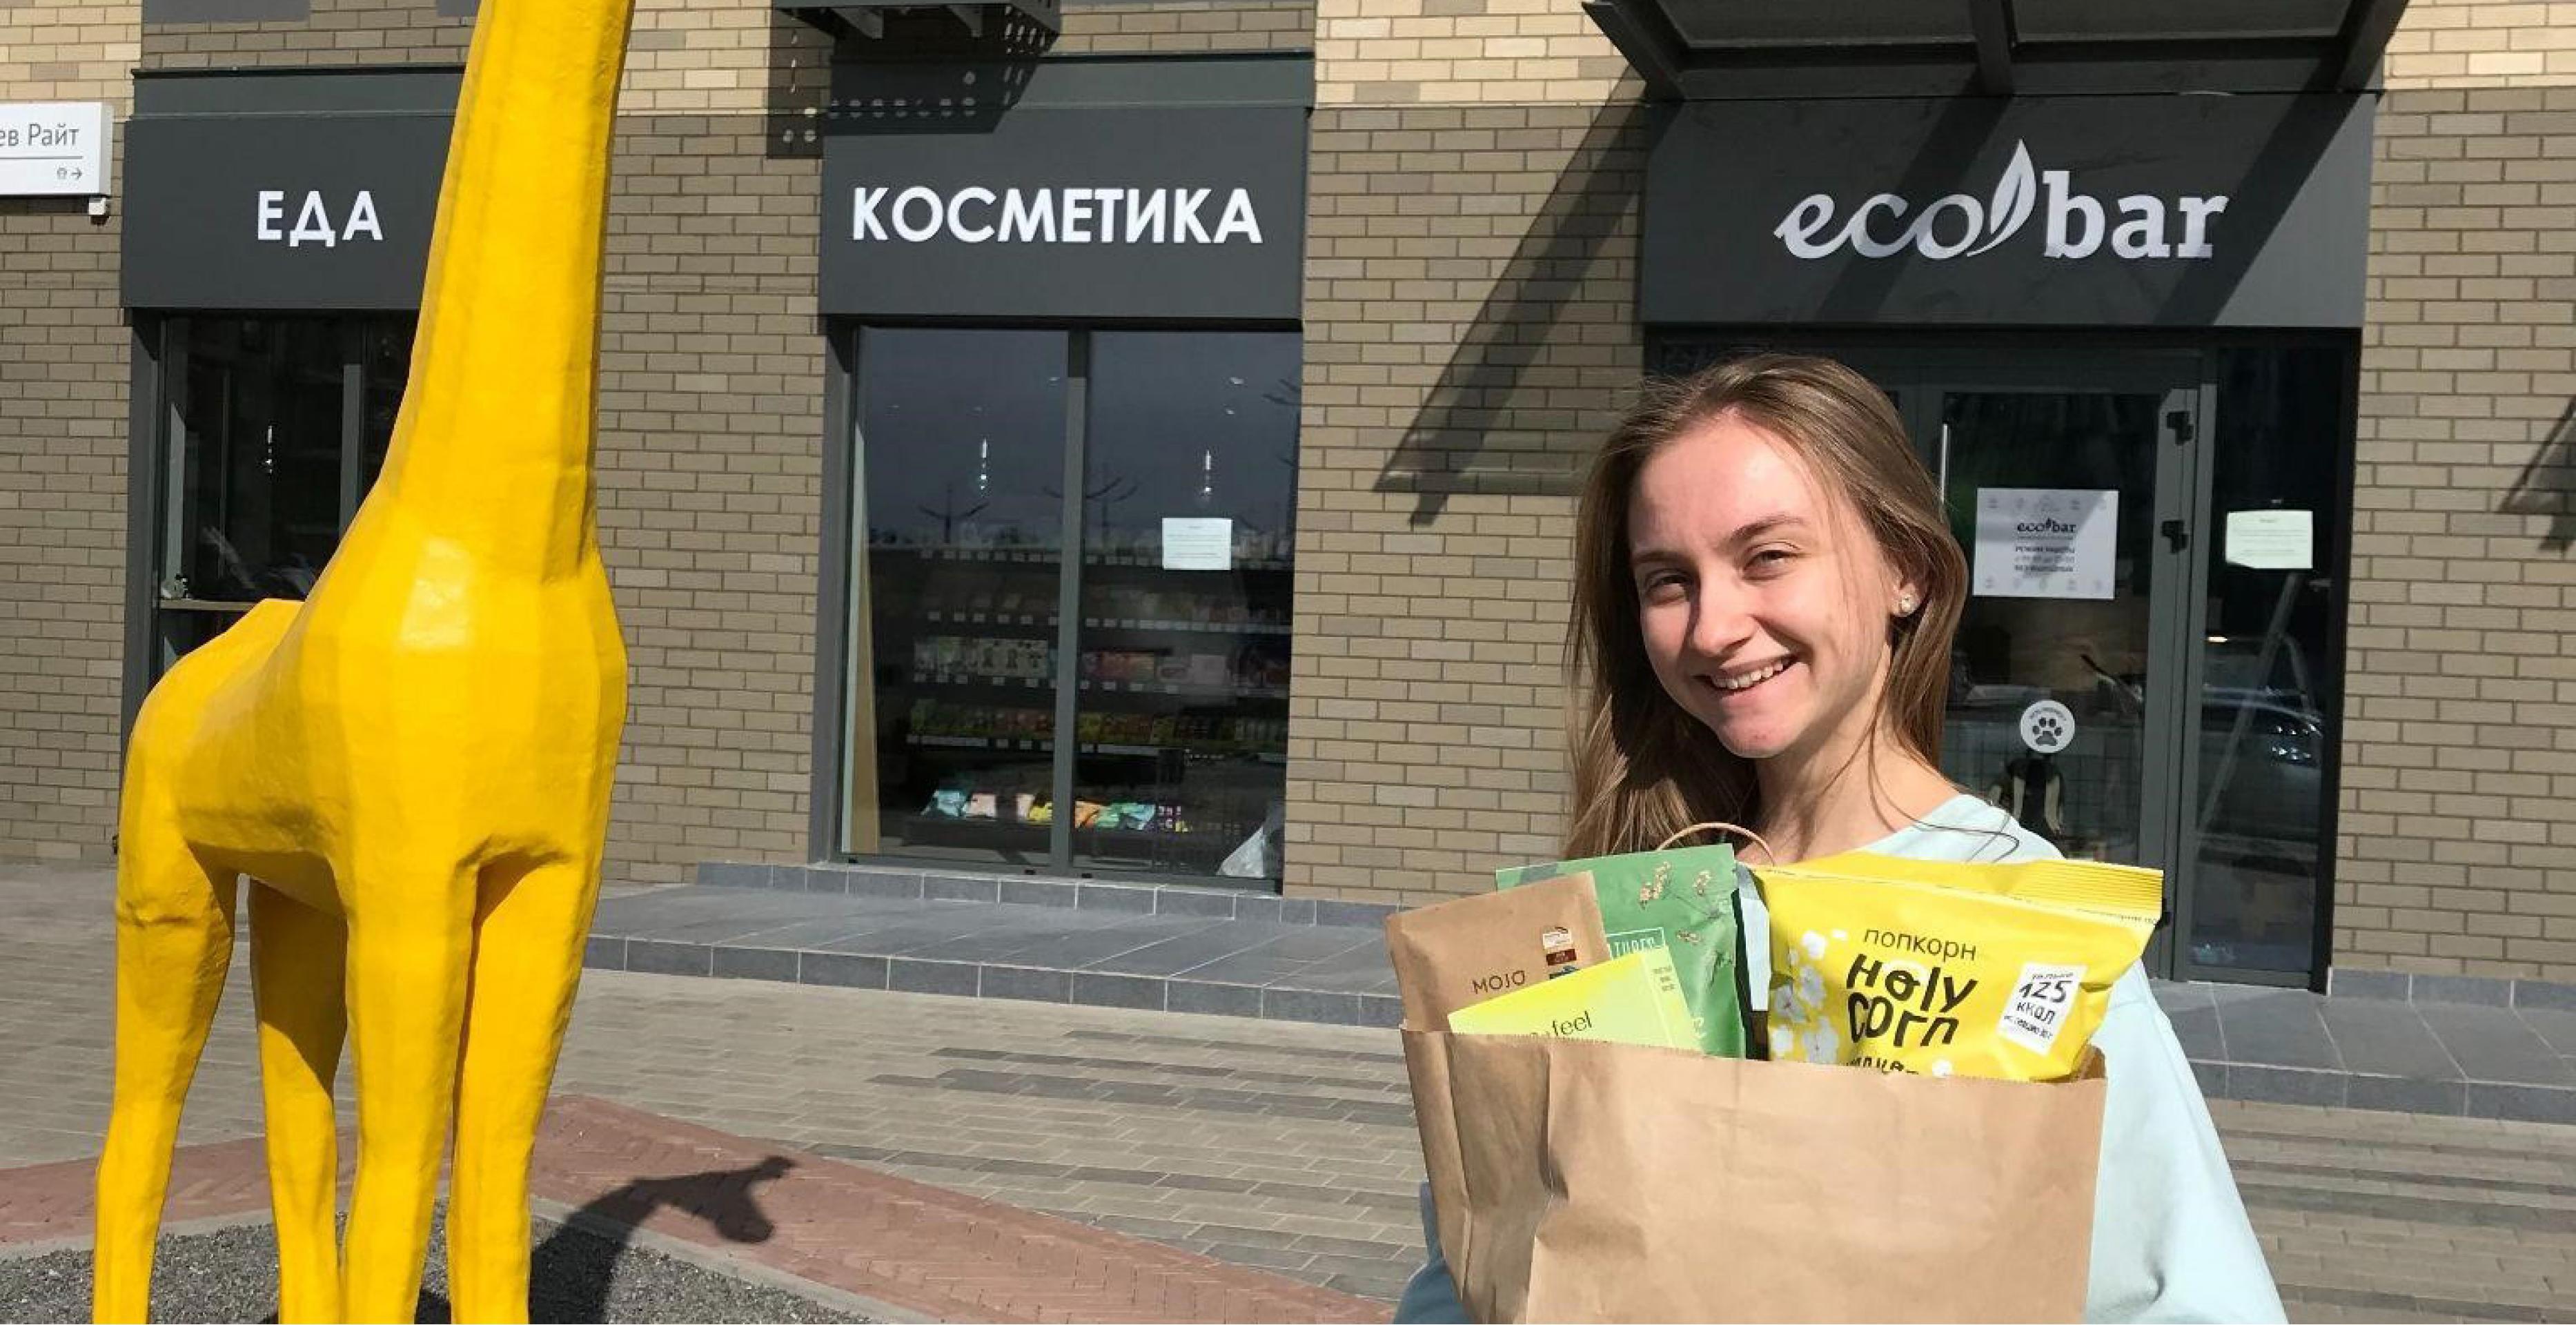 Открытие Ecobar в Новой Боровой!